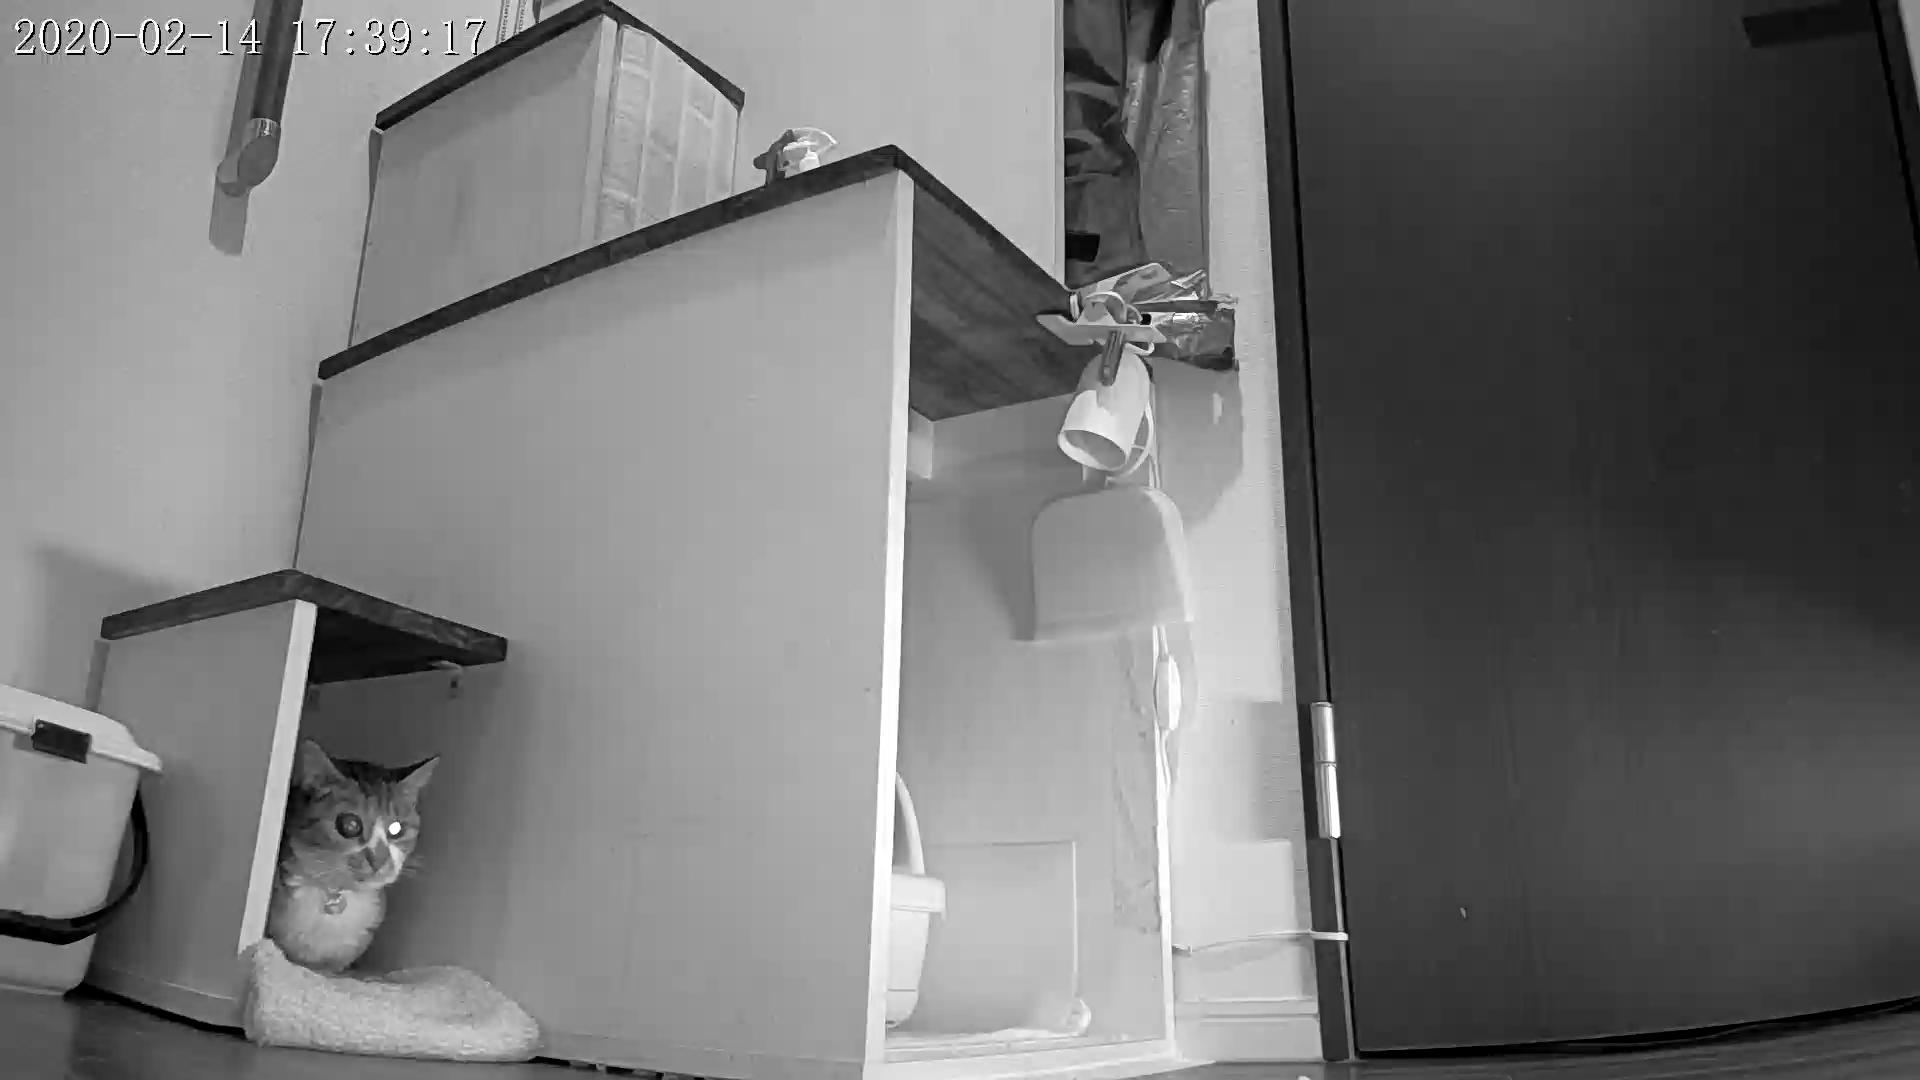 風鈴監視カメラ画像と直視画像と、マヨに期待_e0144012_16591266.jpg